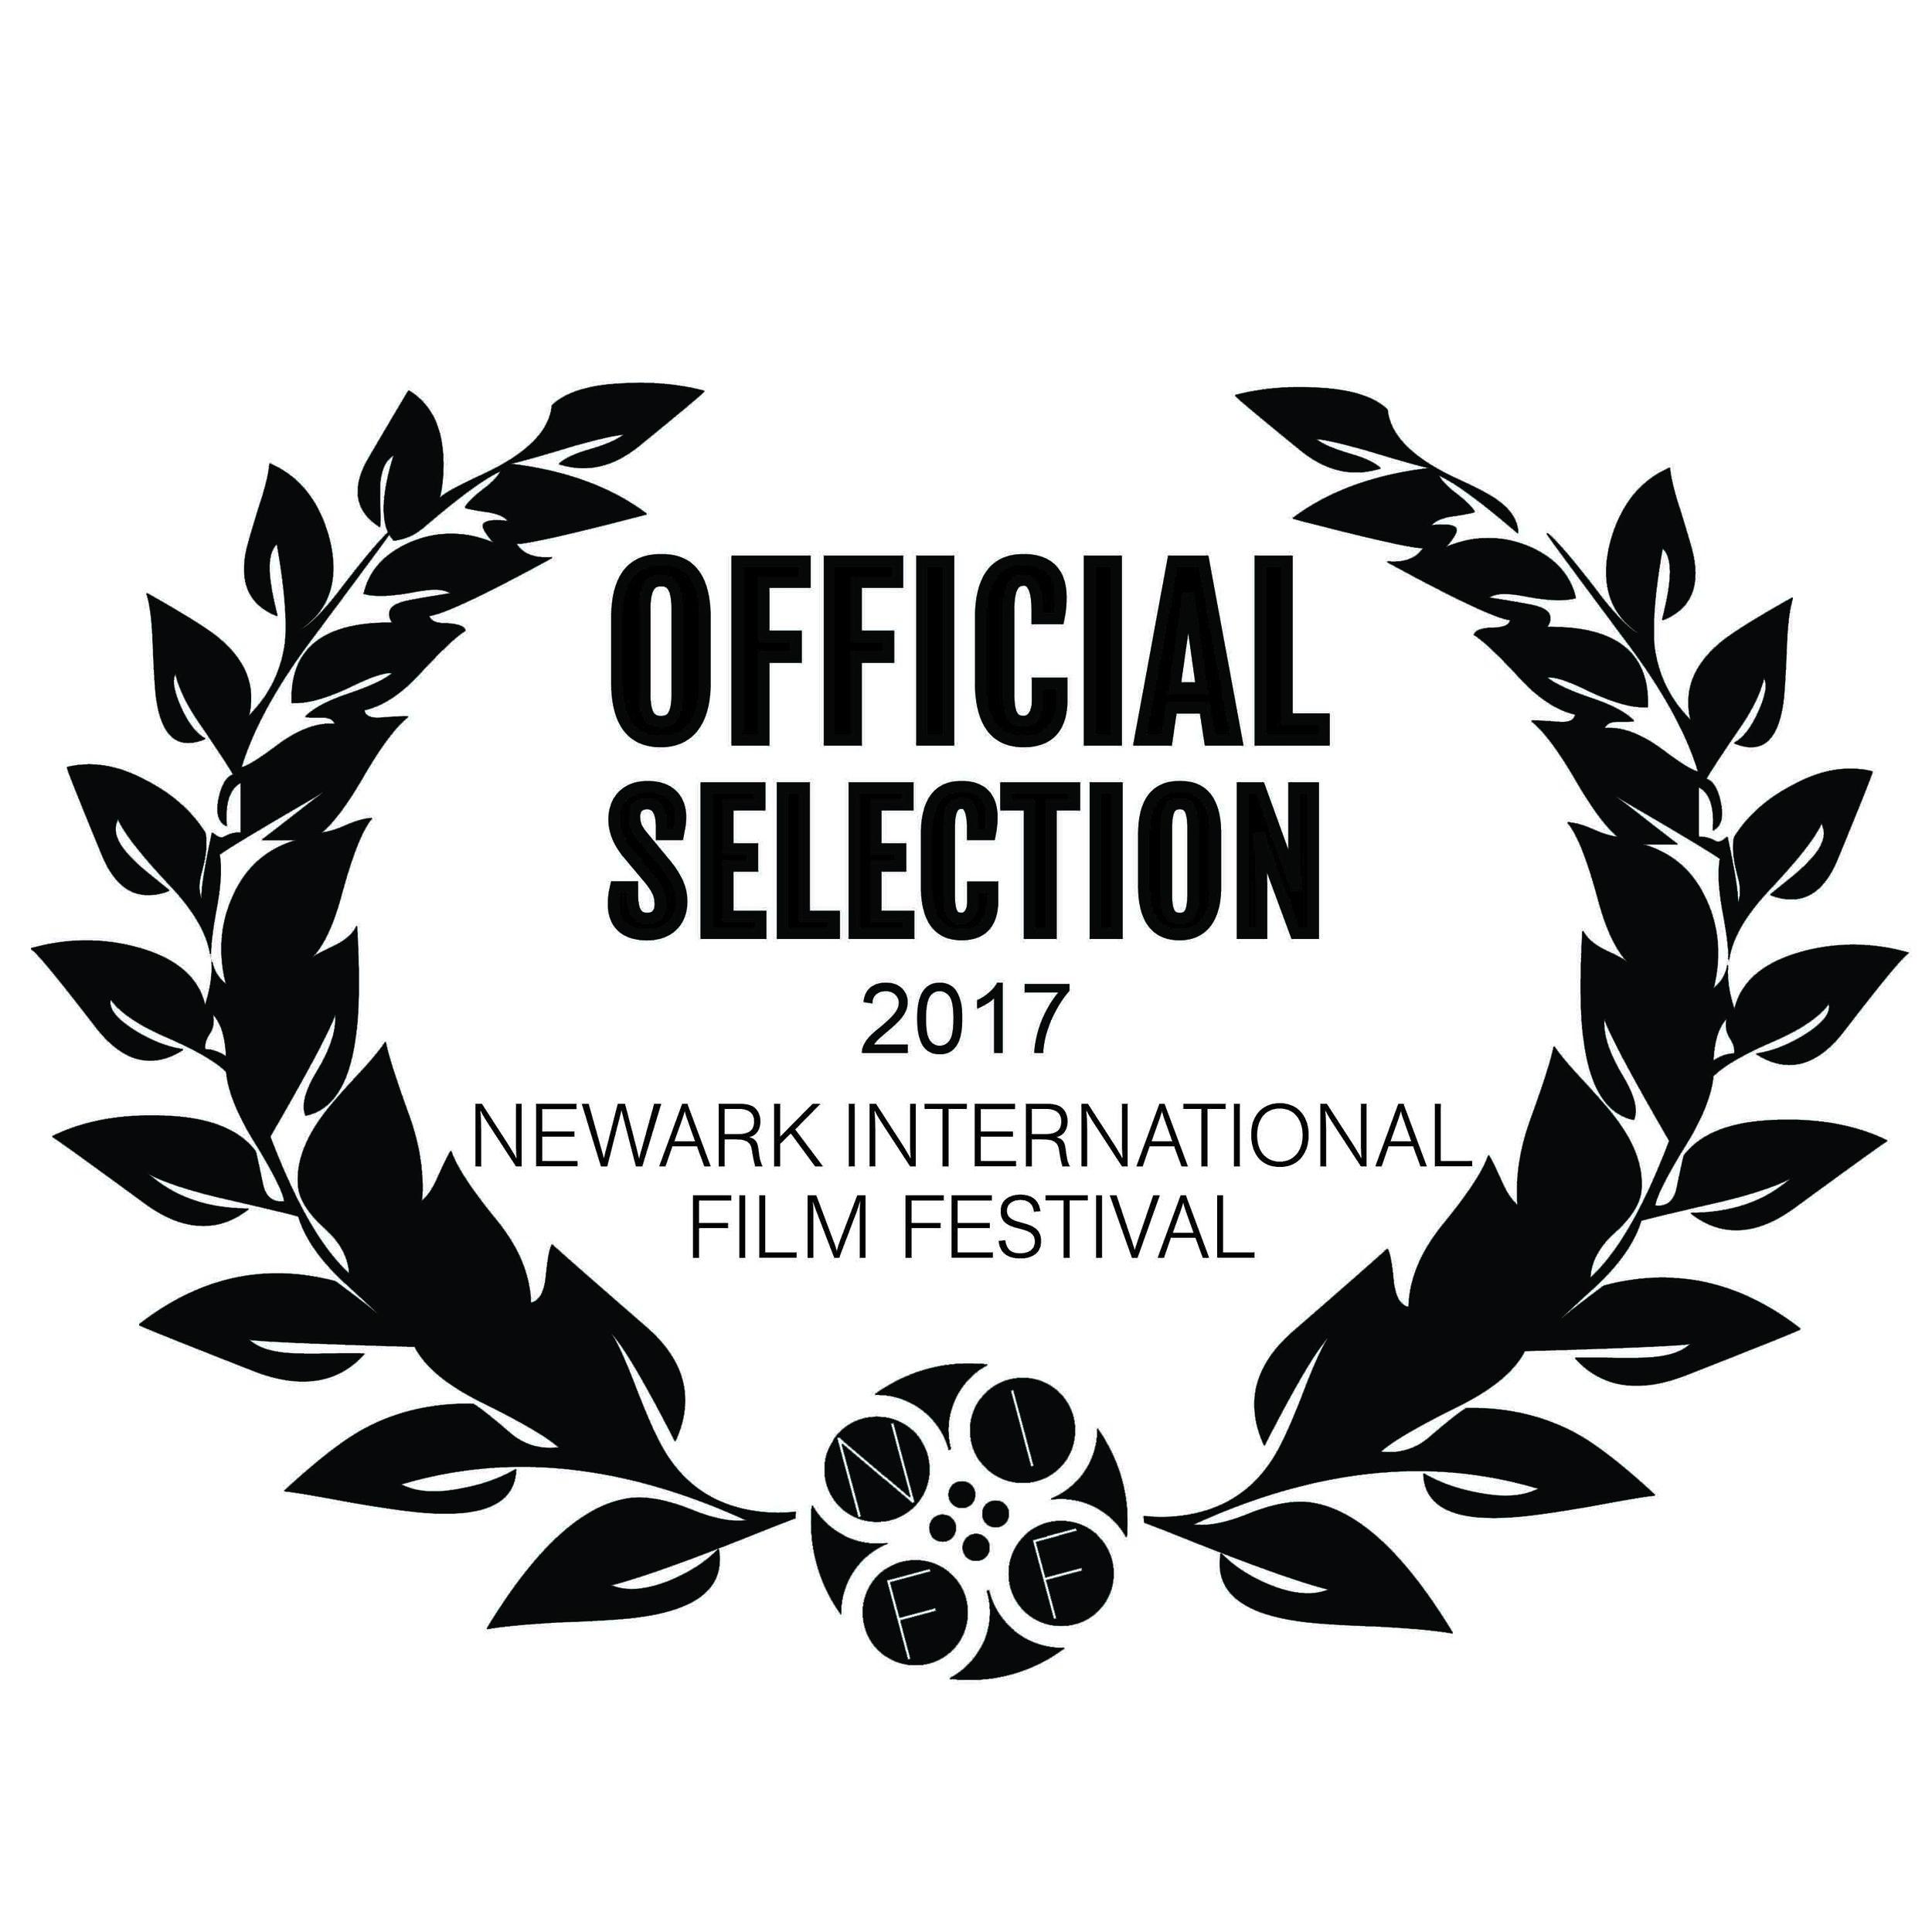 2017Official_Selection_Laurel_v2-01.jpg